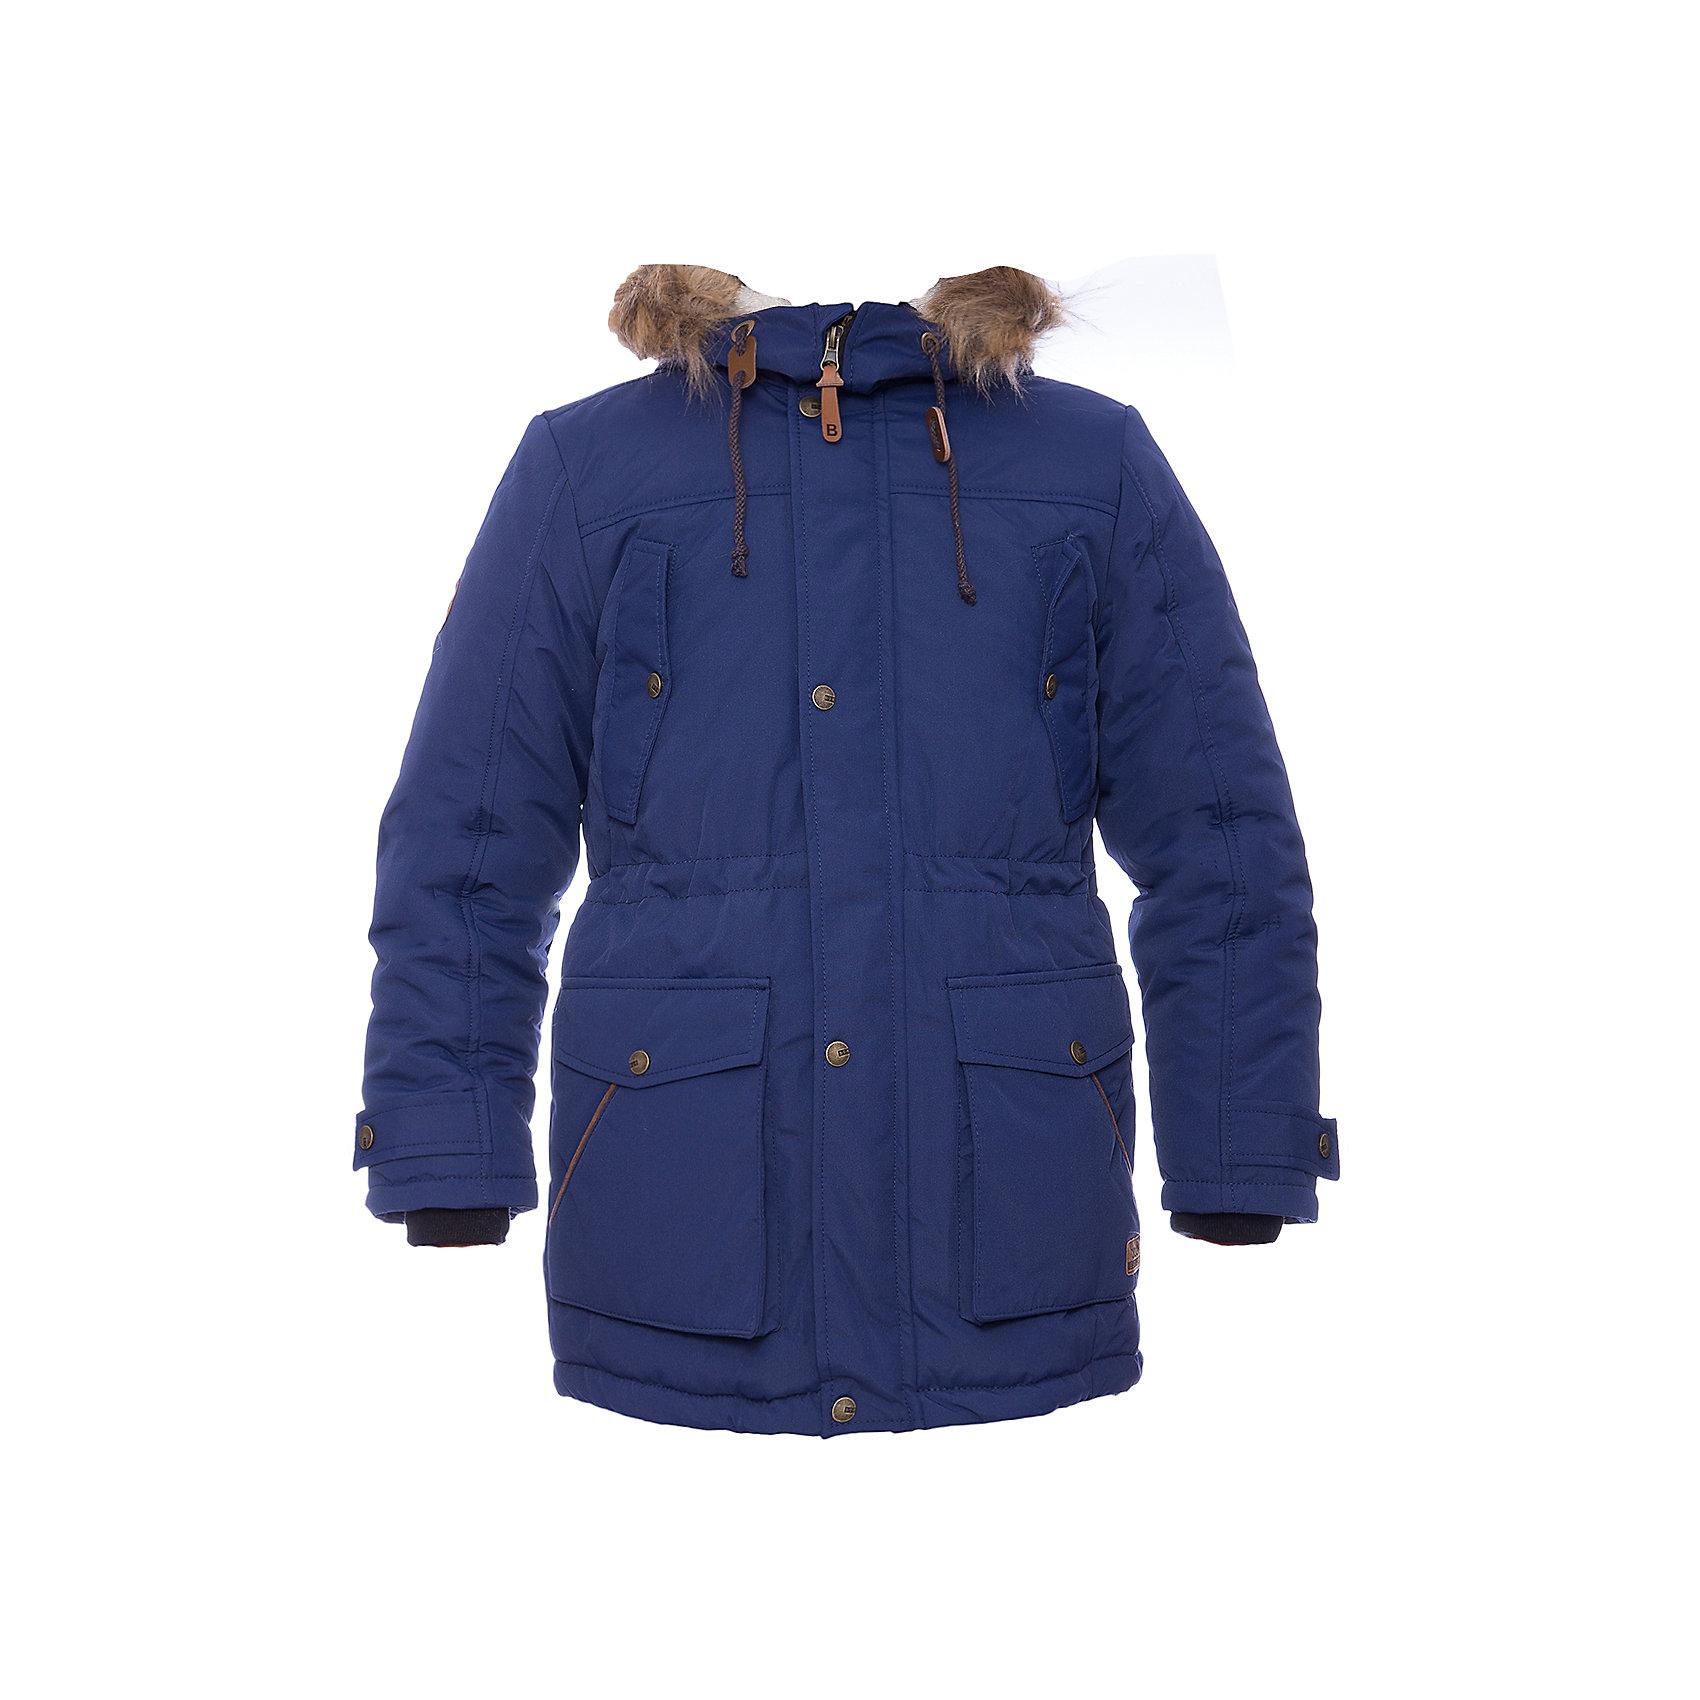 Парка Днепр Batik для мальчикаВерхняя одежда<br>Характеристики товара:<br><br>• цвет: синий<br>• состав ткани: таслан<br>• подкладка: поларфлис<br>• утеплитель: шелтер, подстежка - синтепон <br>• сезон: зима<br>• мембранное покрытие<br>• температурный режим: от -35 до 0<br>• водонепроницаемость: 5000 мм <br>• паропроницаемость: 5000 г/м2<br>• плотность утеплителя: 250 гр/м2, подстежка - 100 г/м2<br>• застежка: молния<br>• капюшон: с мехом<br>• подстежка в комплекте<br>• страна бренда: Россия<br>• страна изготовитель: Россия<br><br>Модная детская парка продается в комплекте со съемной подстежкой. Мягкая подкладка детской парки для зимы делает её очень комфортной. Эта теплая парка для мальчика позволяет коже дышать. Плотный верх детской зимней куртки не промокает и не продувается, его легко чистить. <br><br>Парку Днепр Batik (Батик) для мальчика можно купить в нашем интернет-магазине.<br><br>Ширина мм: 356<br>Глубина мм: 10<br>Высота мм: 245<br>Вес г: 519<br>Цвет: синий<br>Возраст от месяцев: 156<br>Возраст до месяцев: 168<br>Пол: Мужской<br>Возраст: Детский<br>Размер: 164,146,152,158,164,146,152,158<br>SKU: 7027940